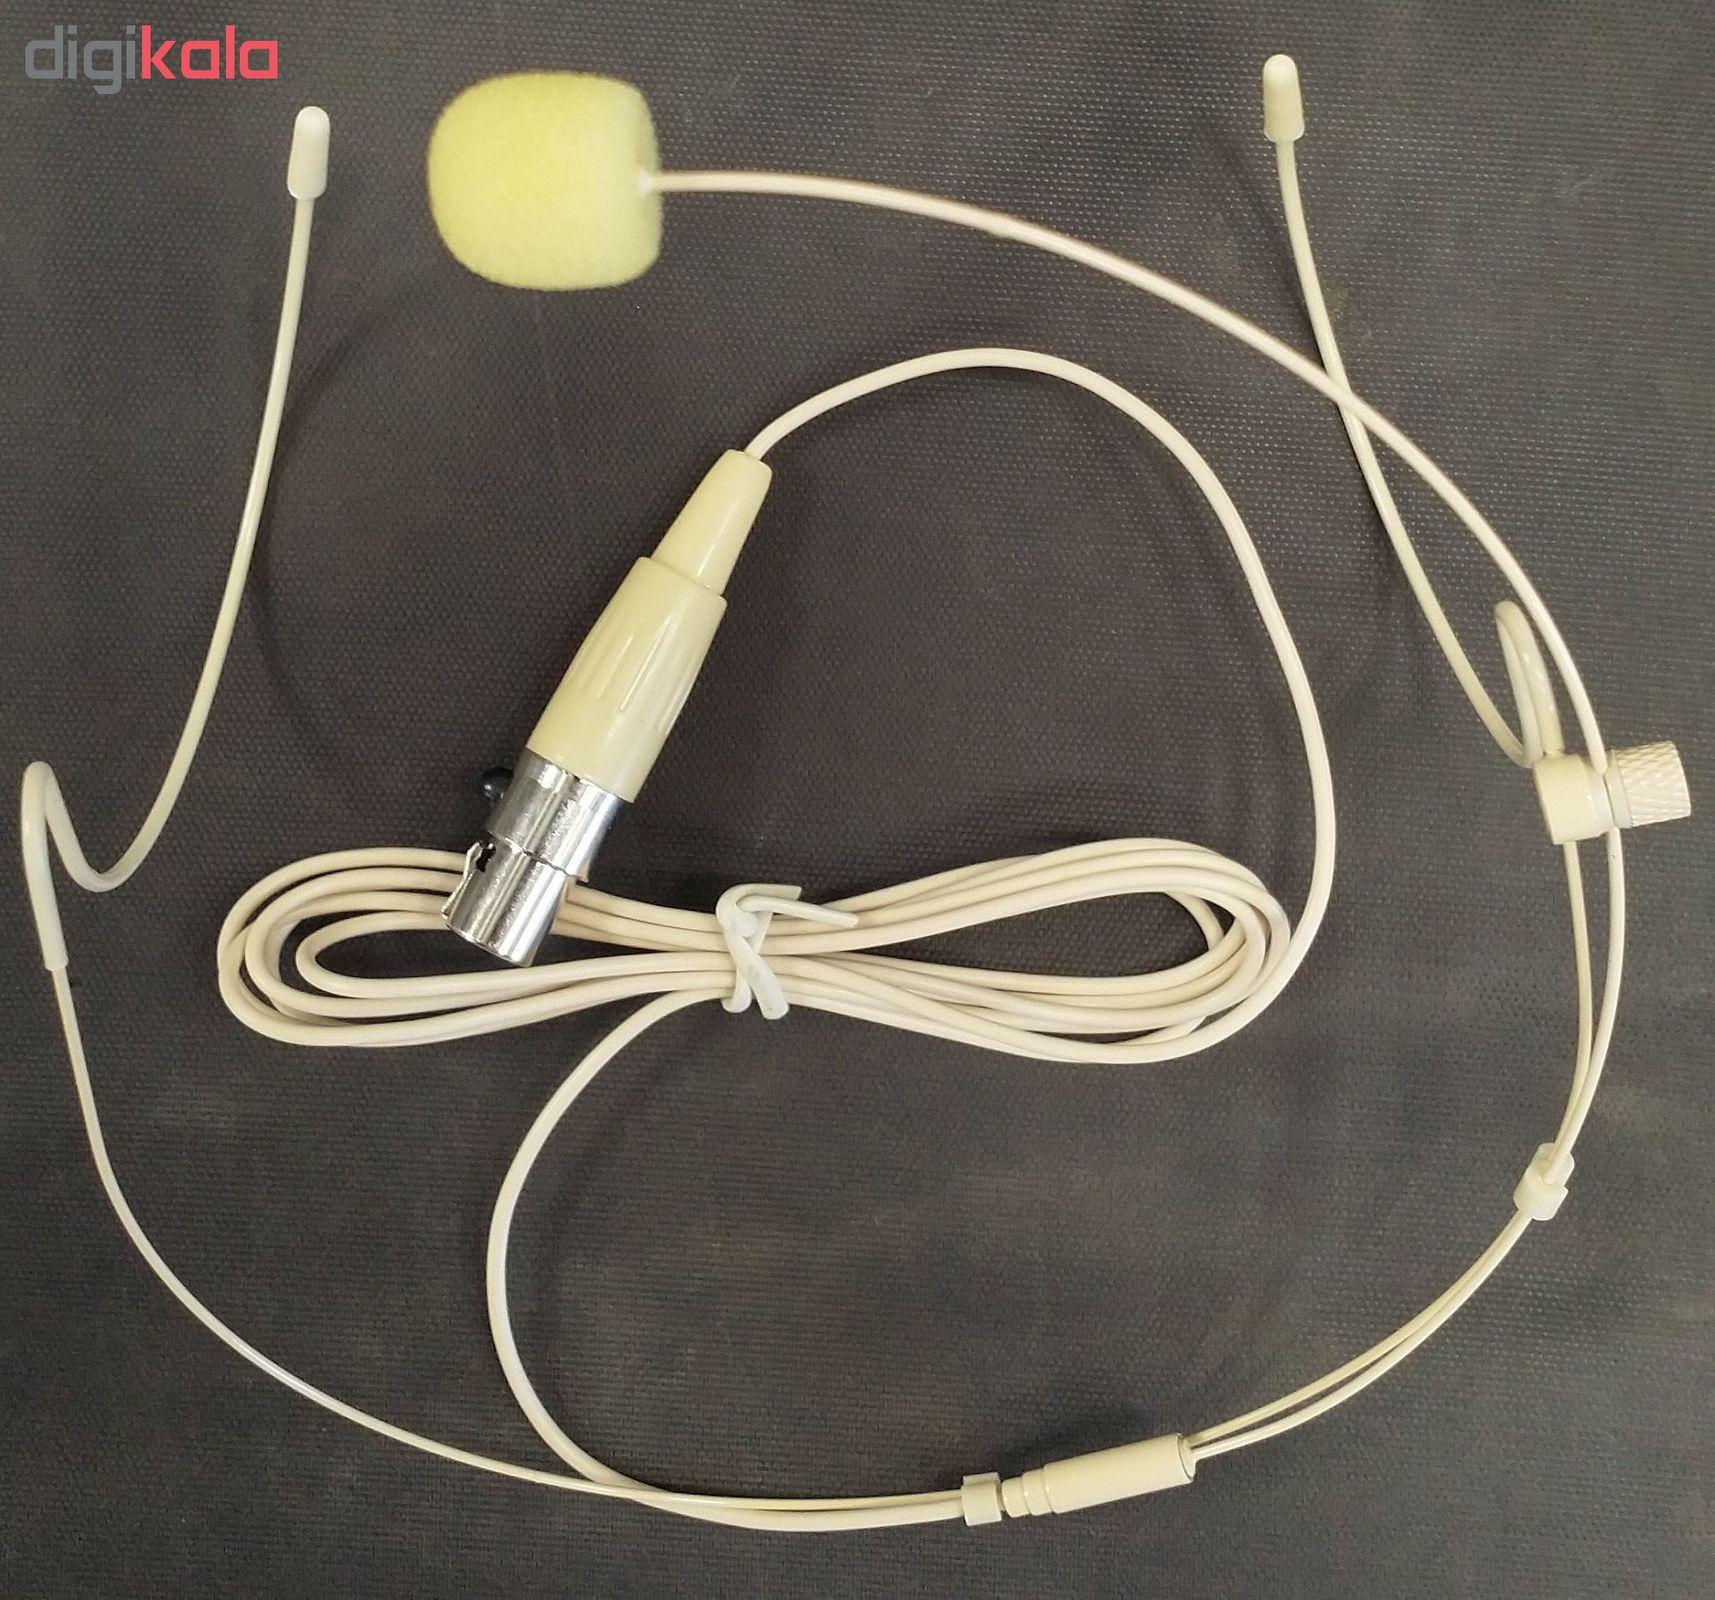 میکروفن بیسیم هدستی مدل SLX14 main 1 10